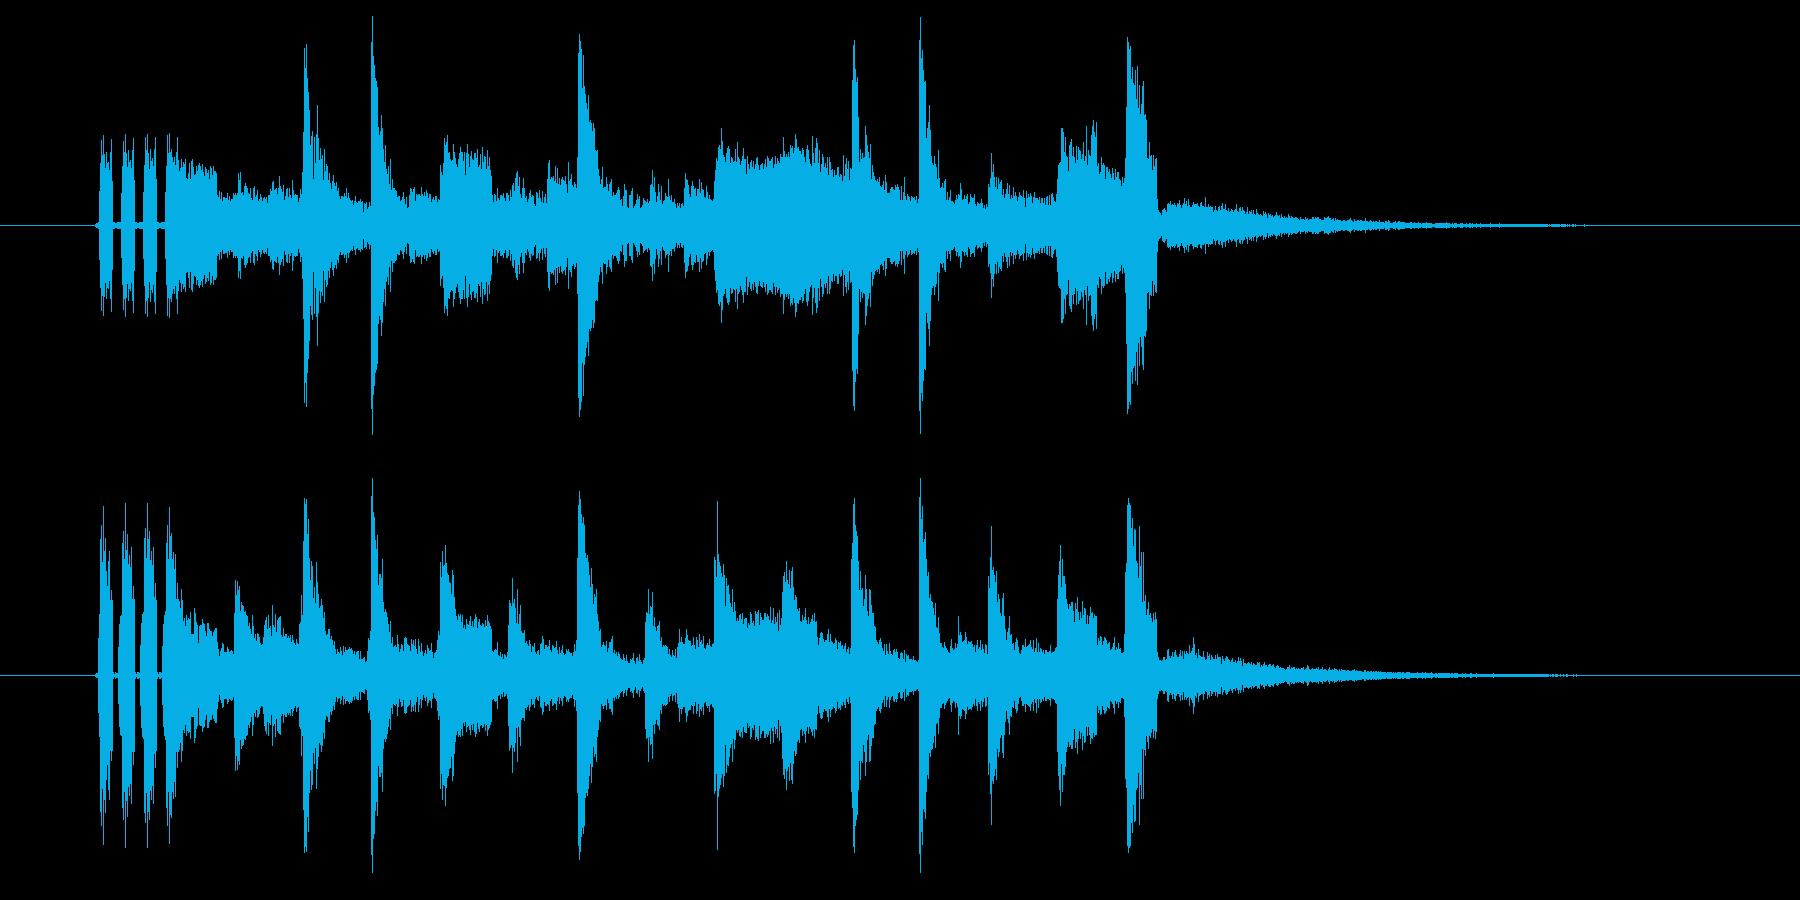 クールなアコギのアルペジオのジングル曲の再生済みの波形